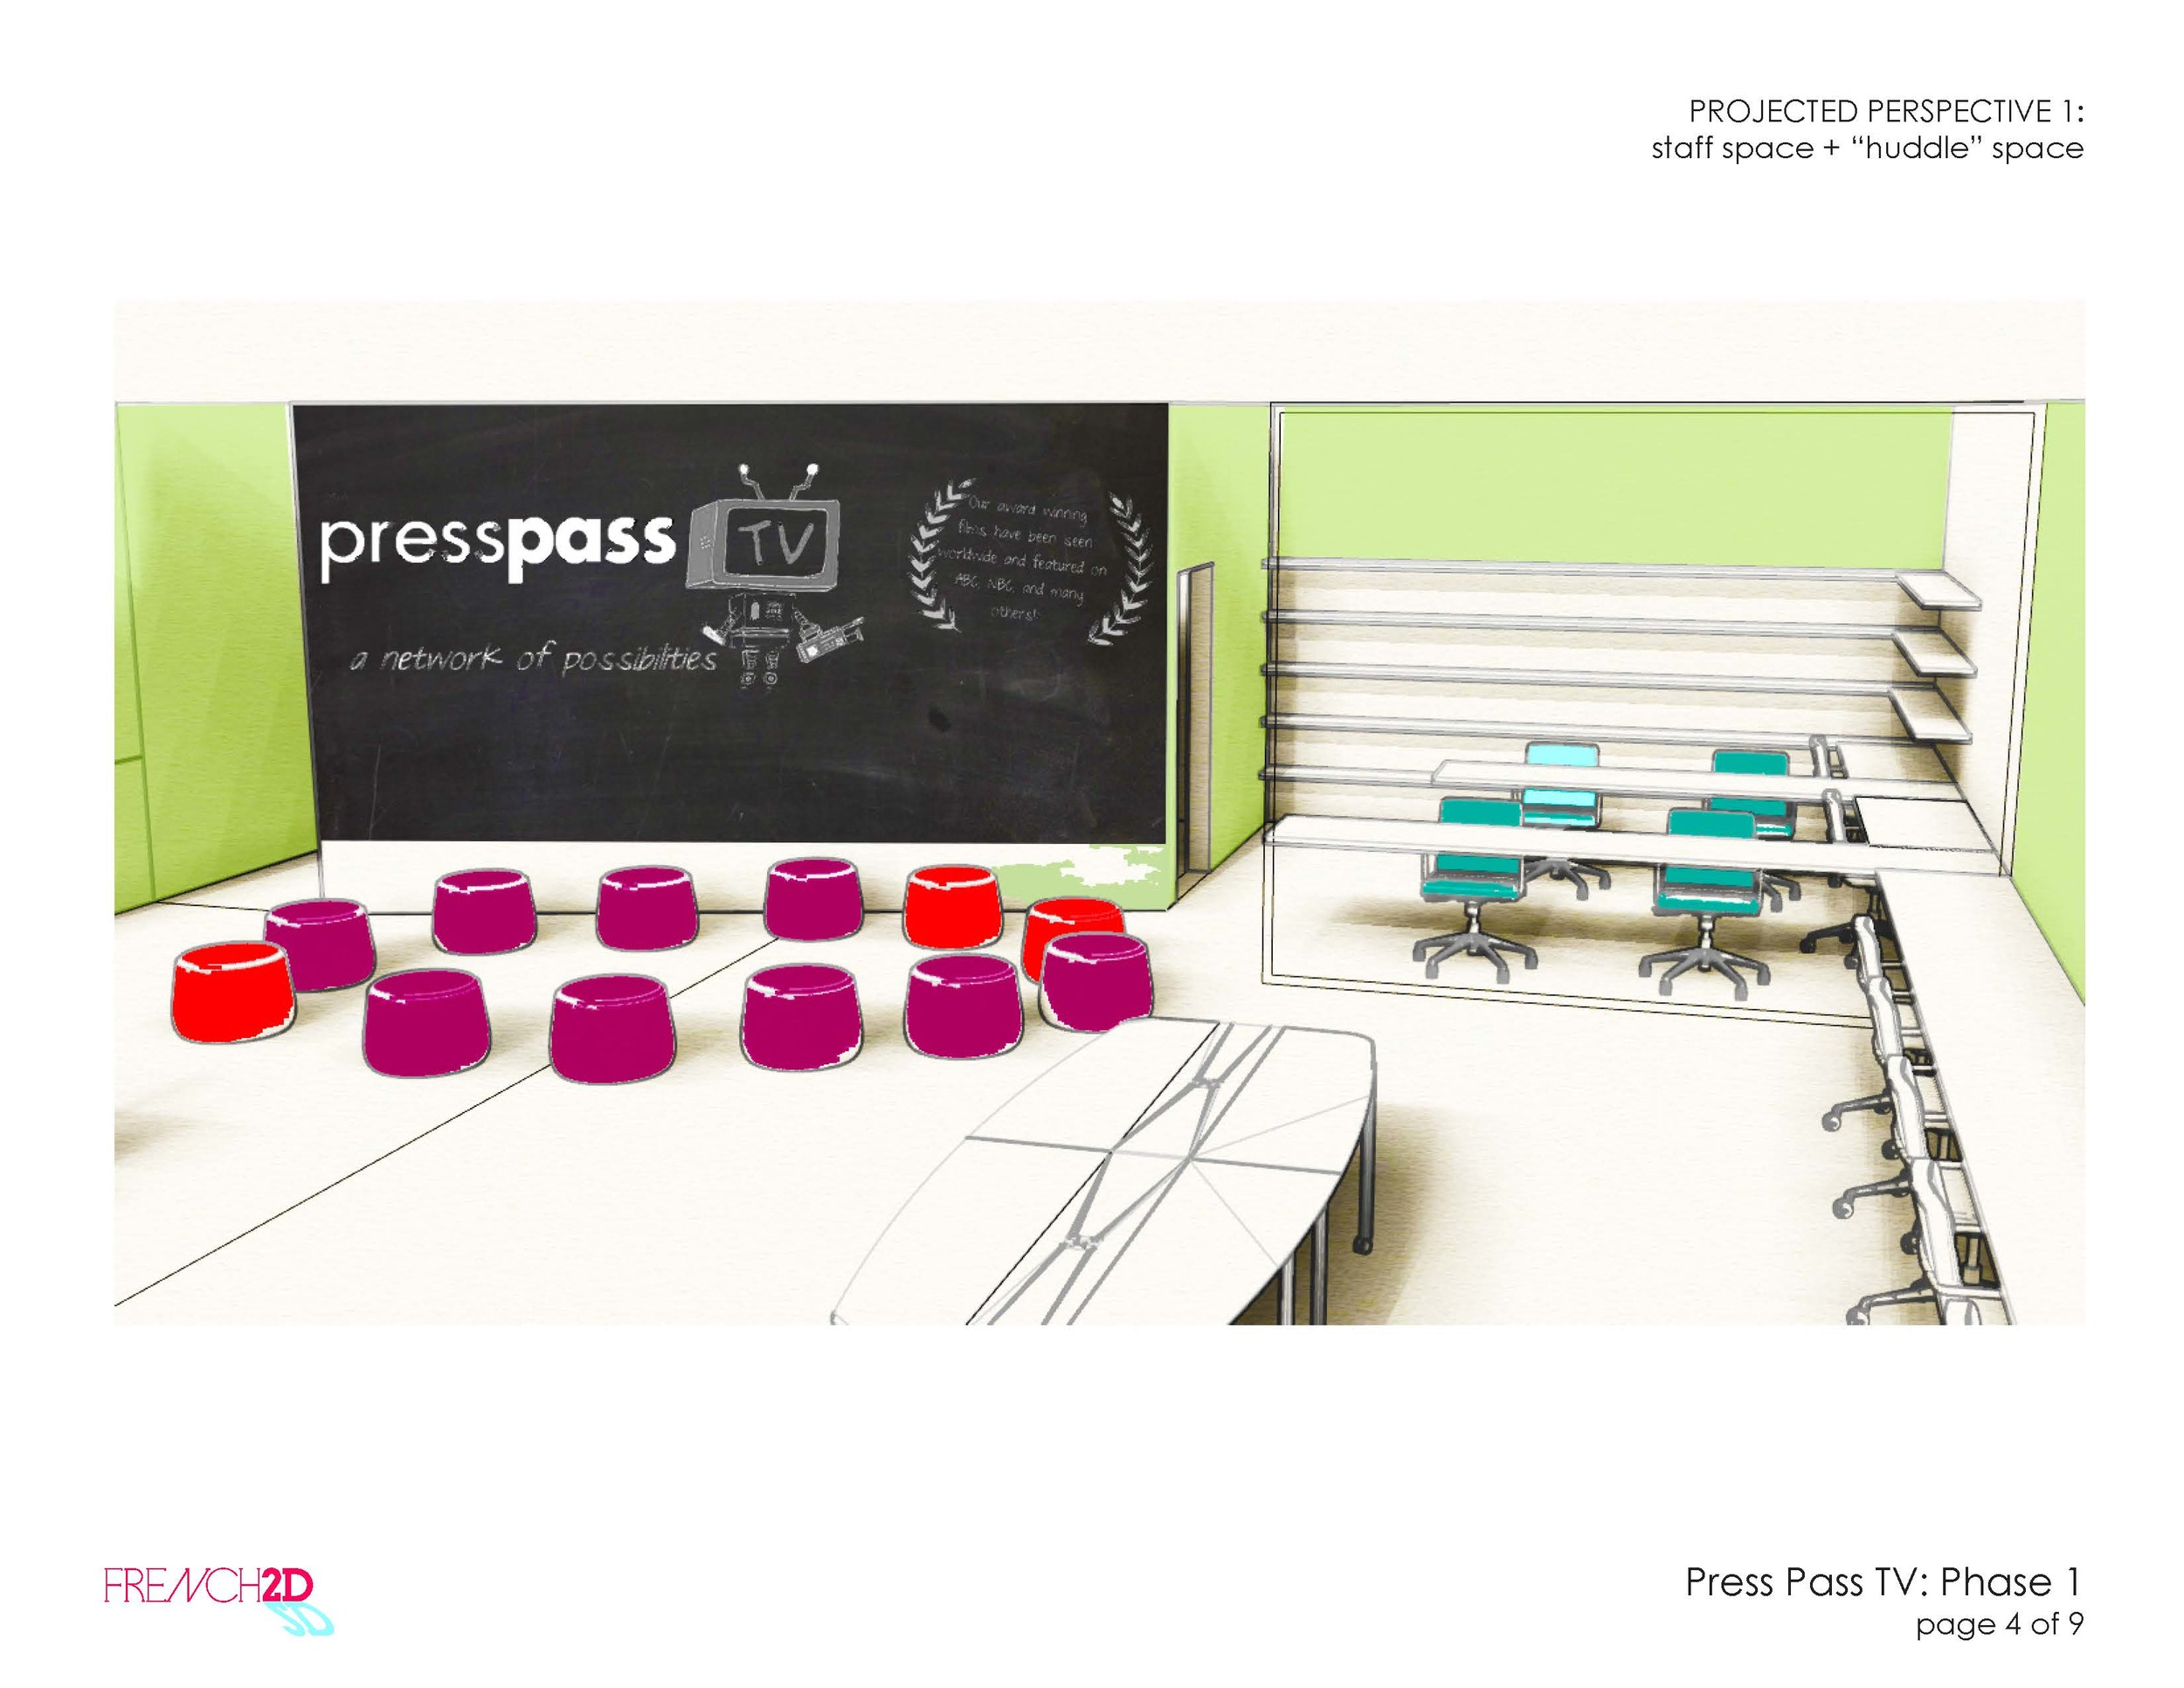 PressPassTV_Phase1_Study_3-31-14_Page_4.jpg